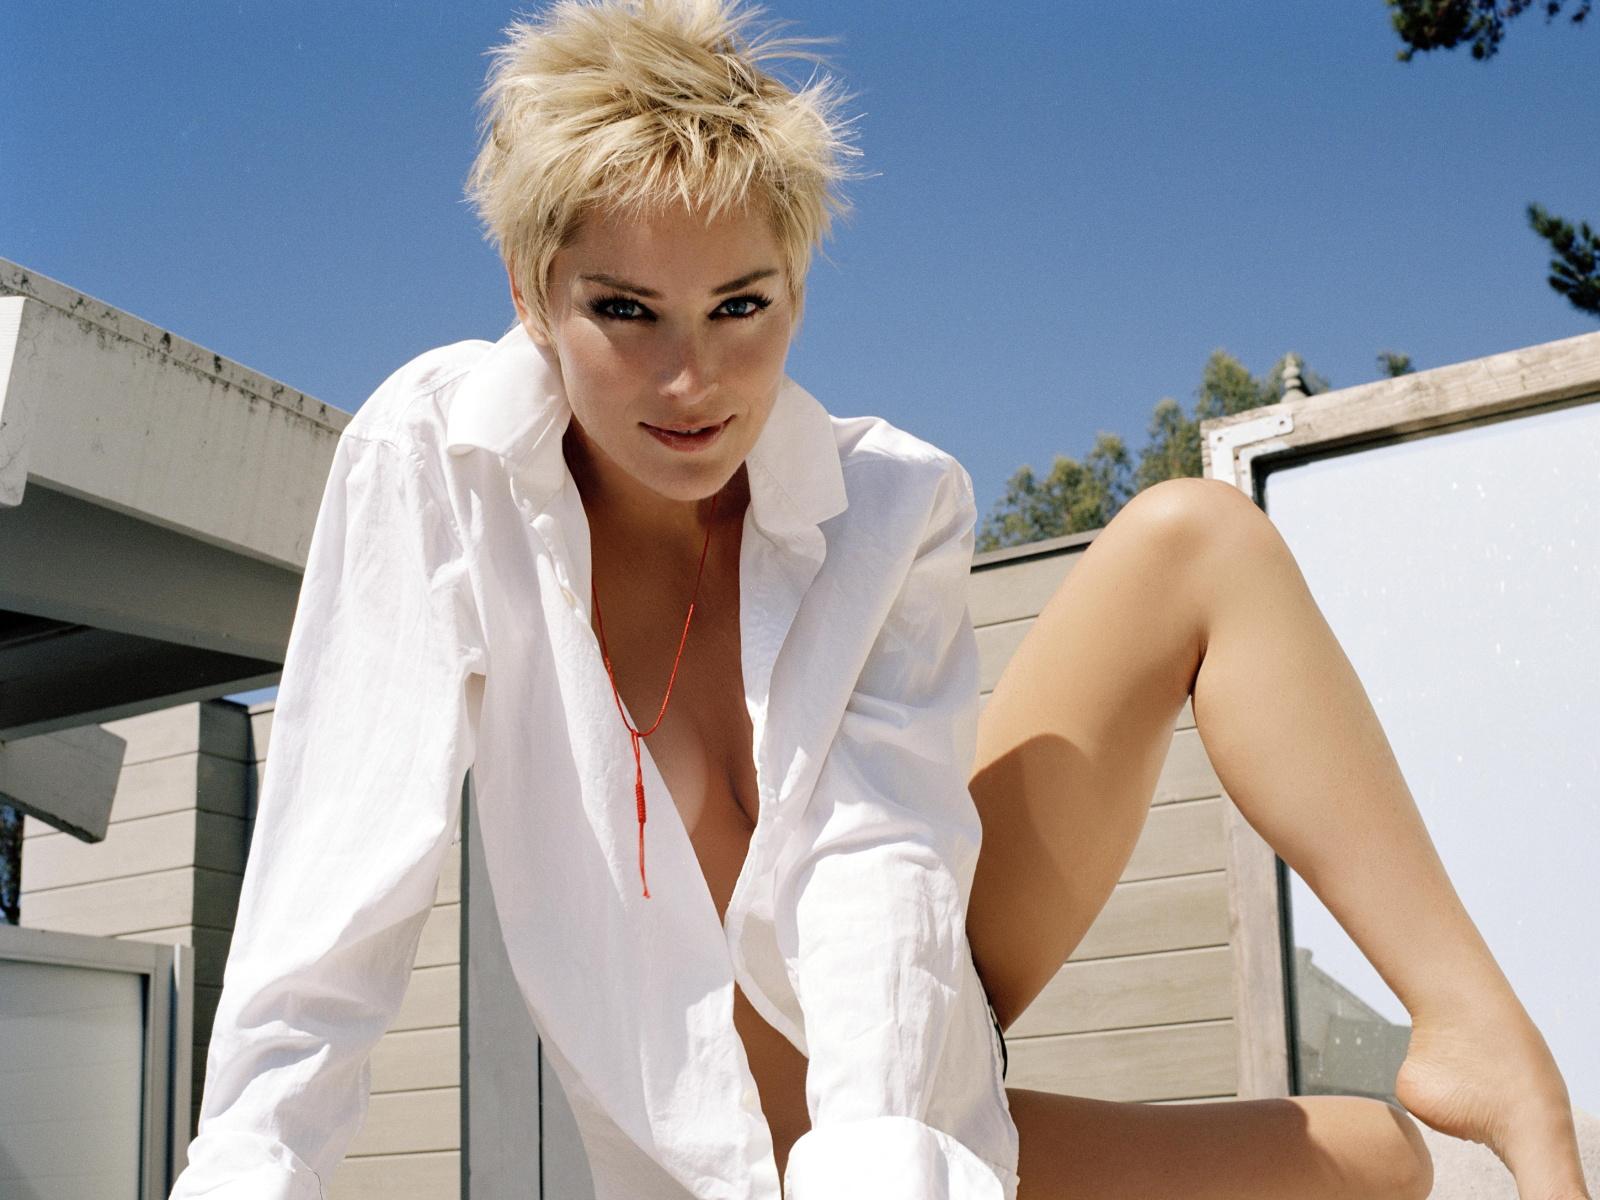 http://1.bp.blogspot.com/-InnxtDq0gEw/UACsmsVCv7I/AAAAAAAAI8M/7G3FBinf8SM/s1600/Sharon+Stone+new+pic+2012+06.jpg